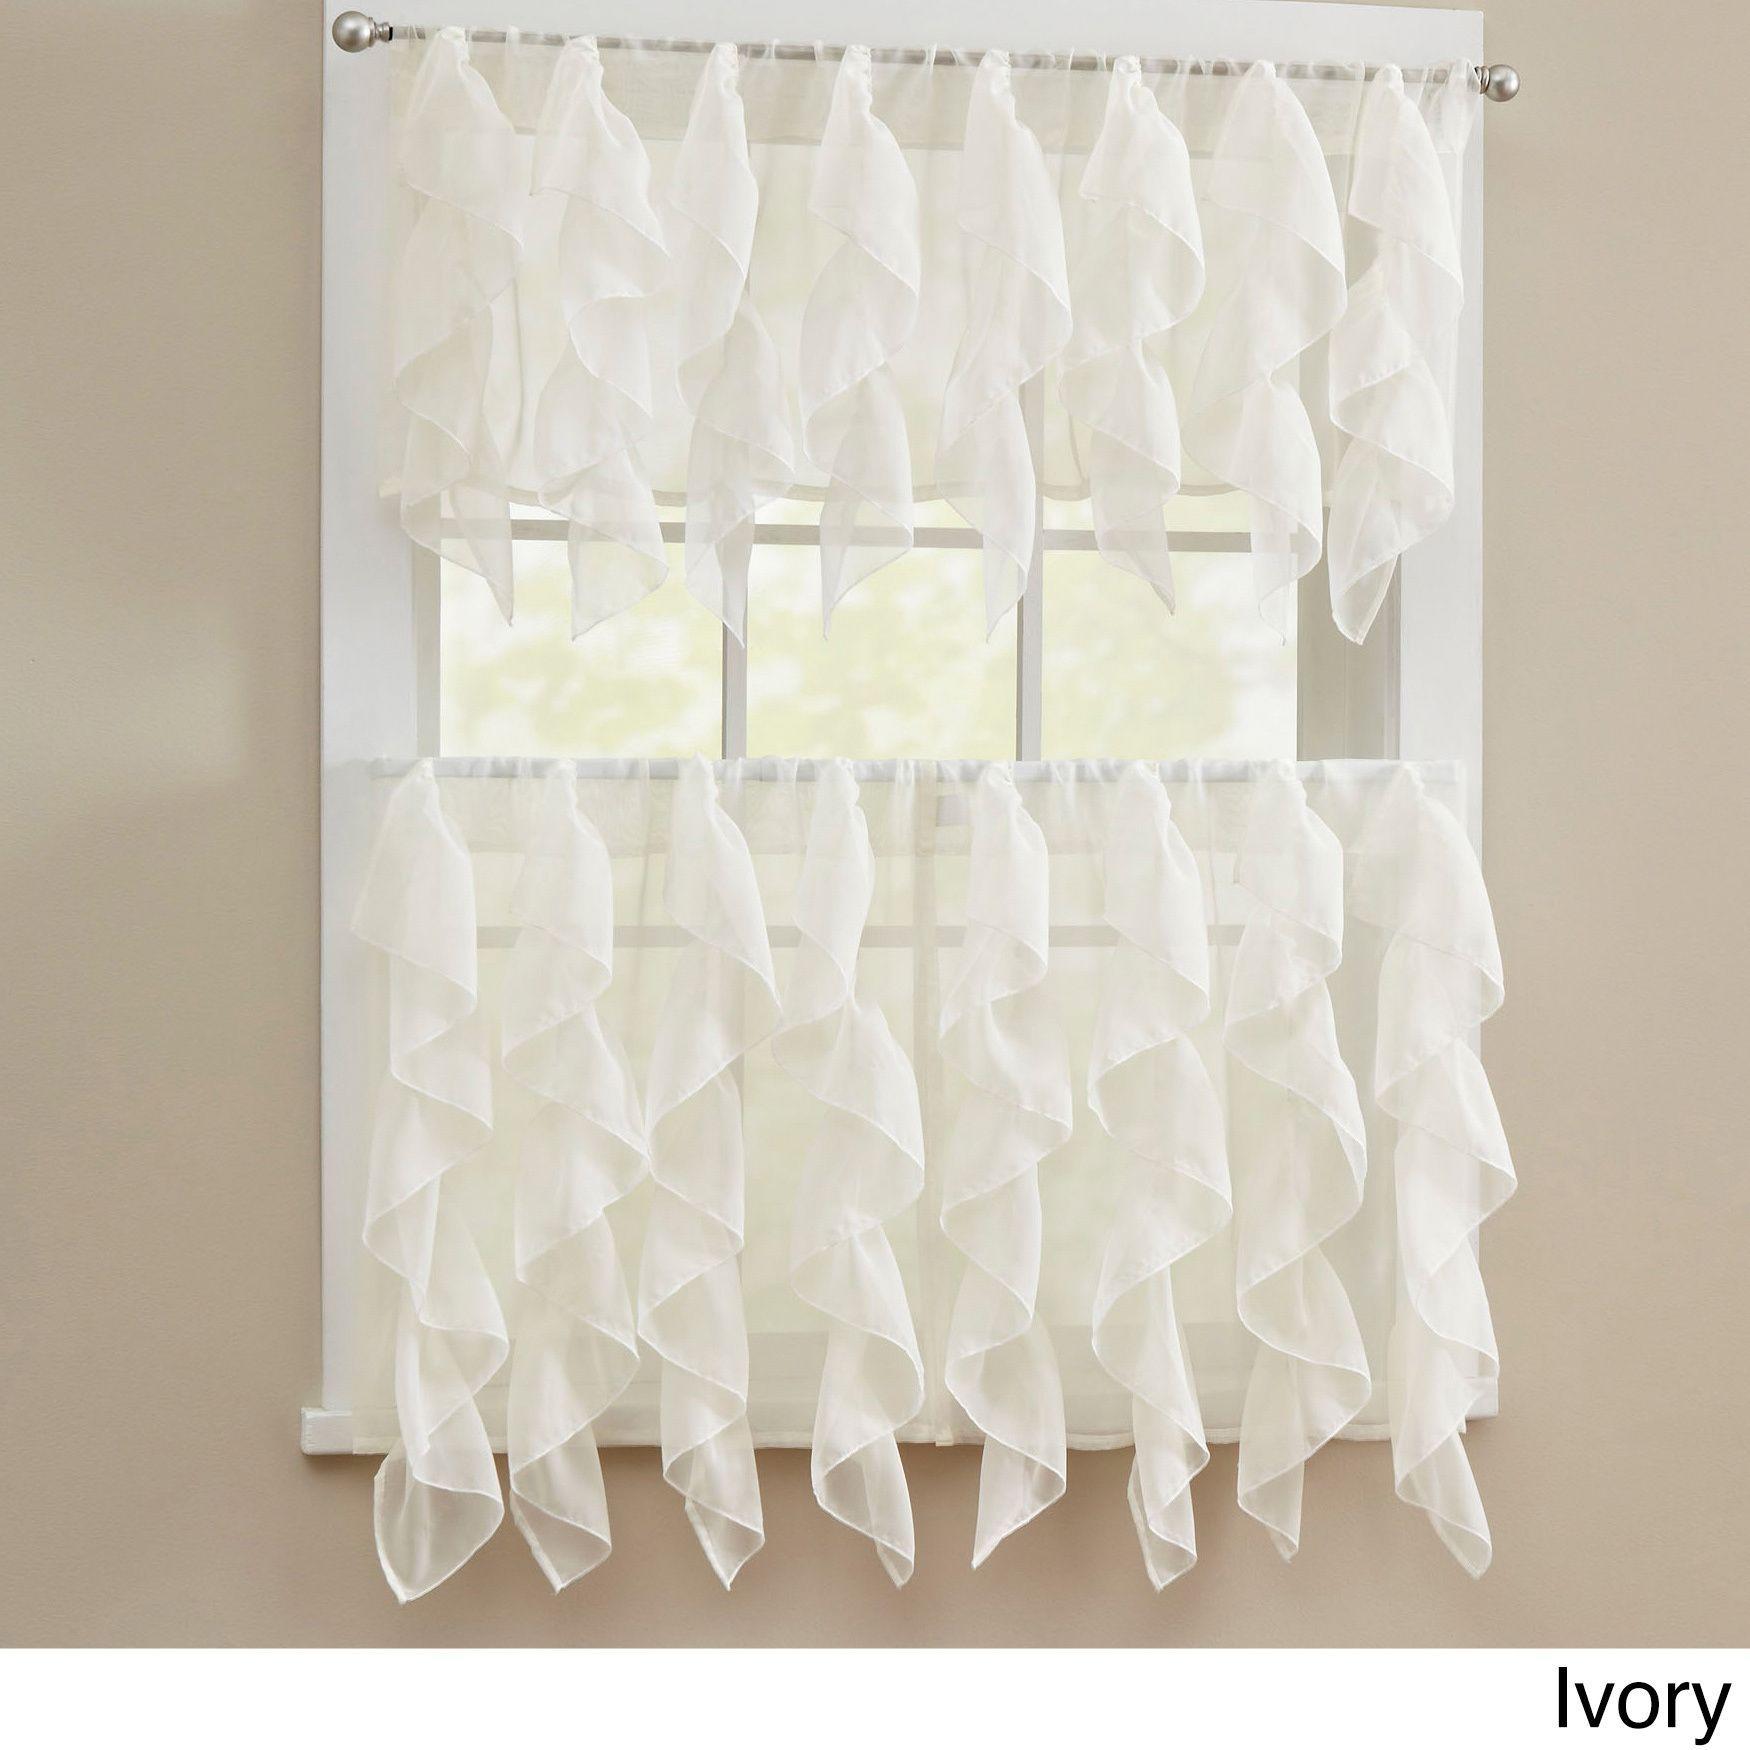 N Chic Sheer Voile Vertical Ruffled Tier Window Curtain Intended For Chic Sheer Voile Vertical Ruffled Window Curtain Tiers (View 16 of 20)